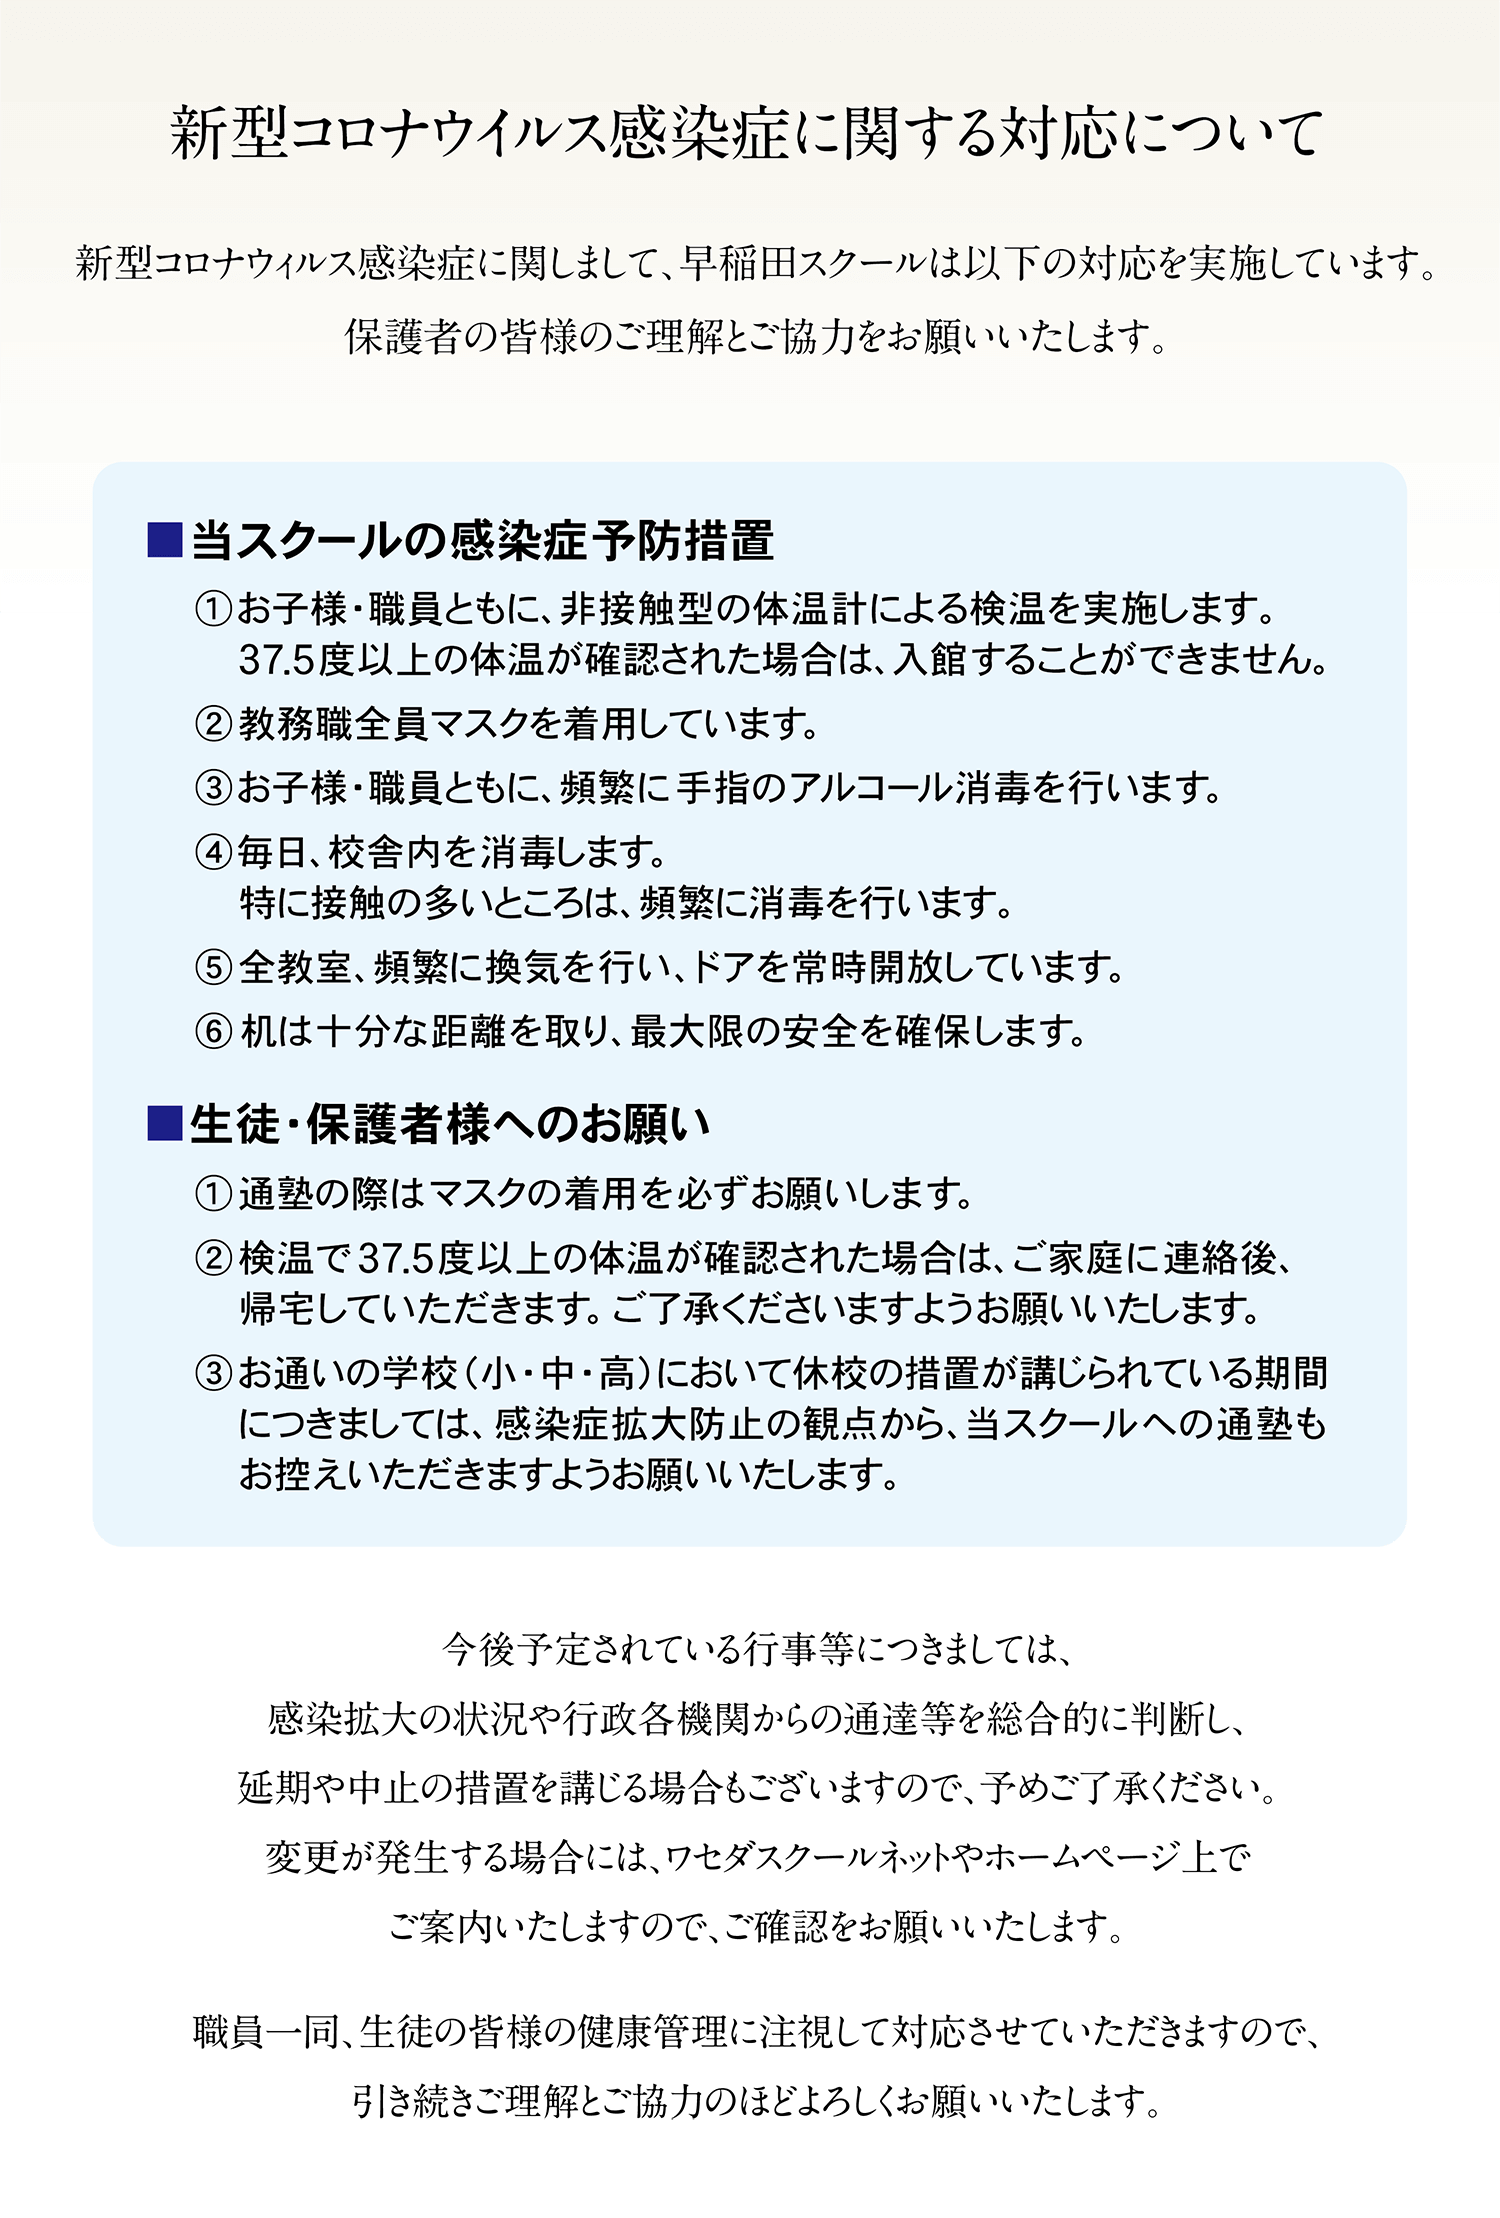 早稲田 コロナ